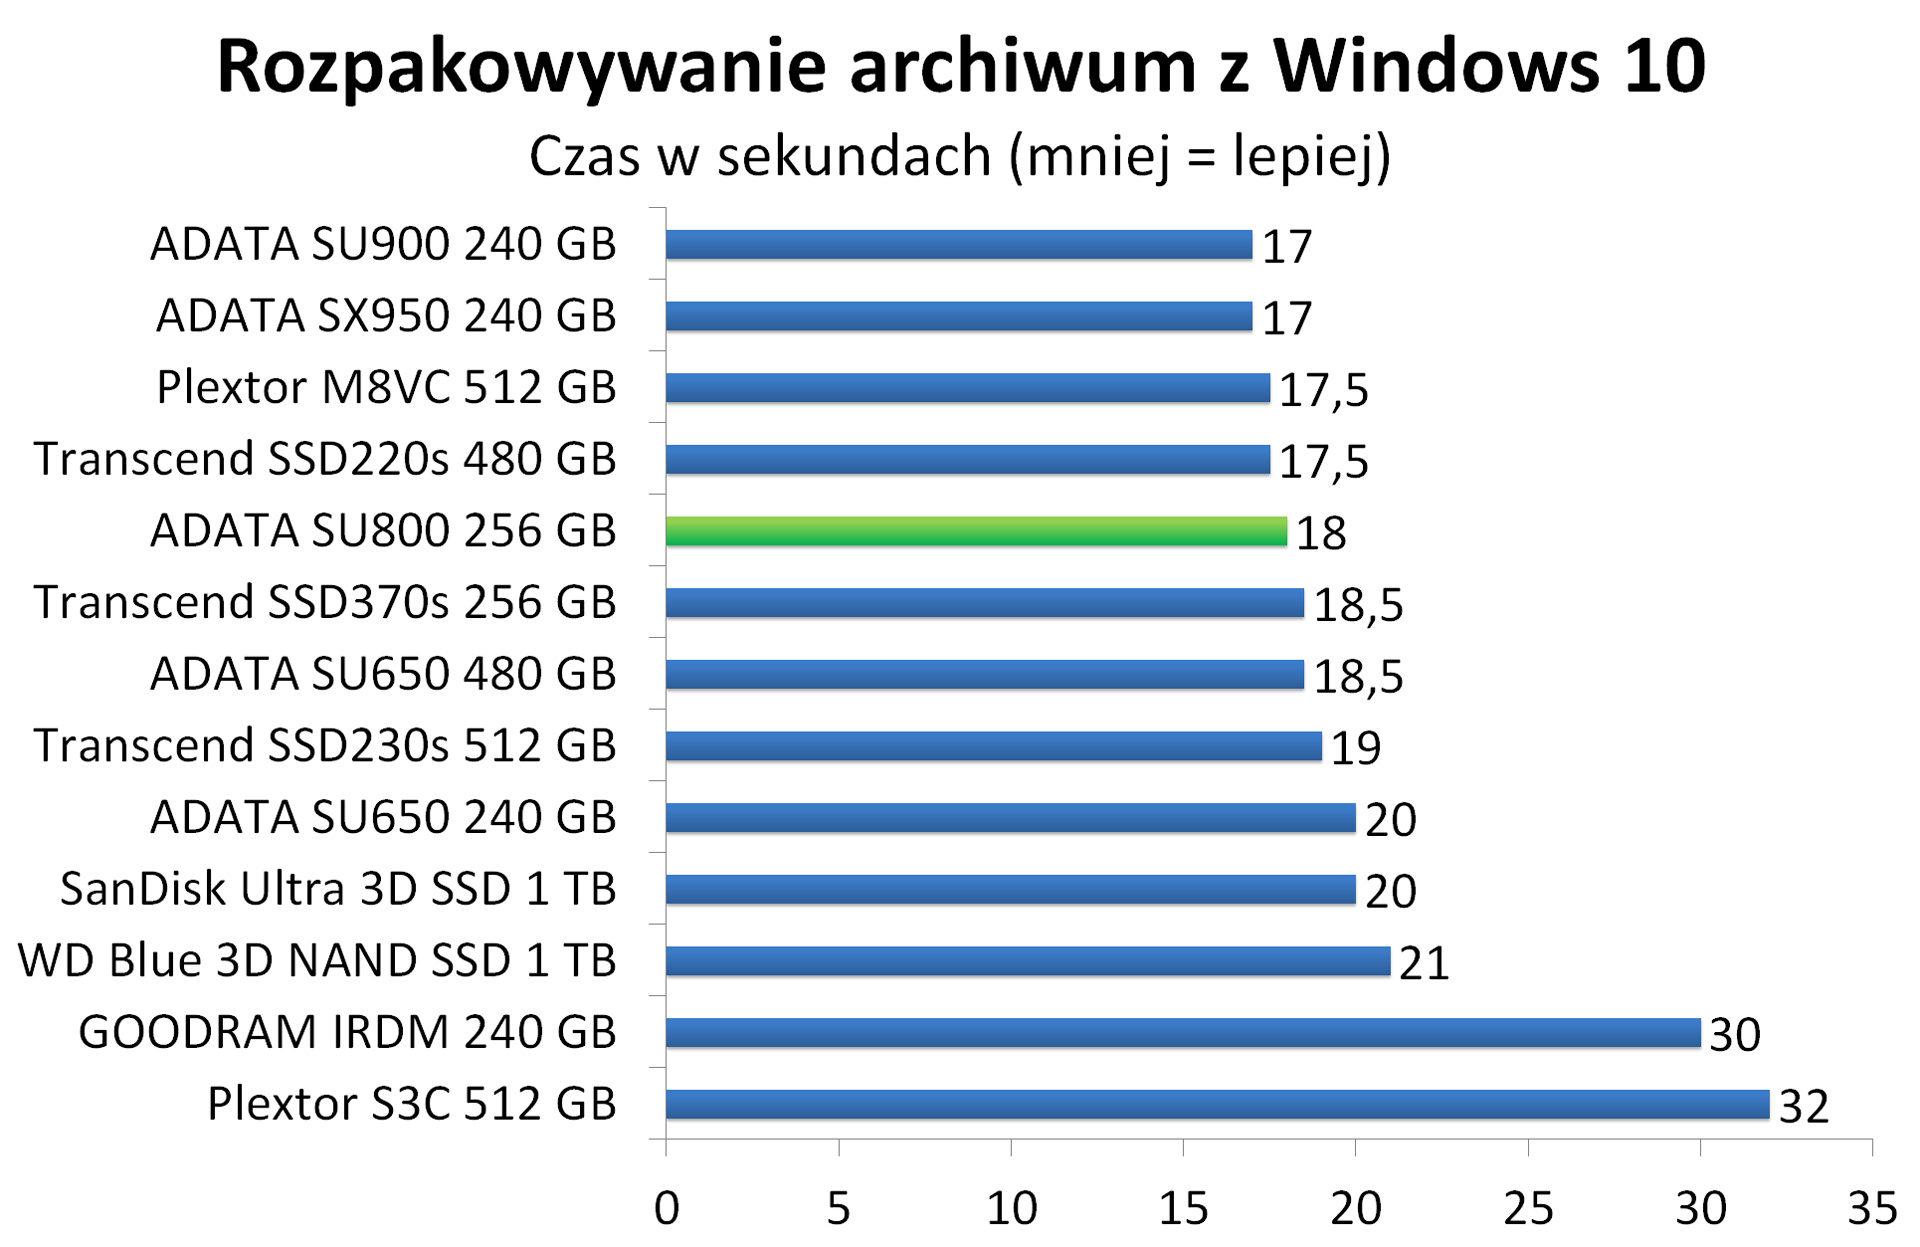 ADATA SU800 256 GB - Rozpakowywanie archiwum z Windows 10